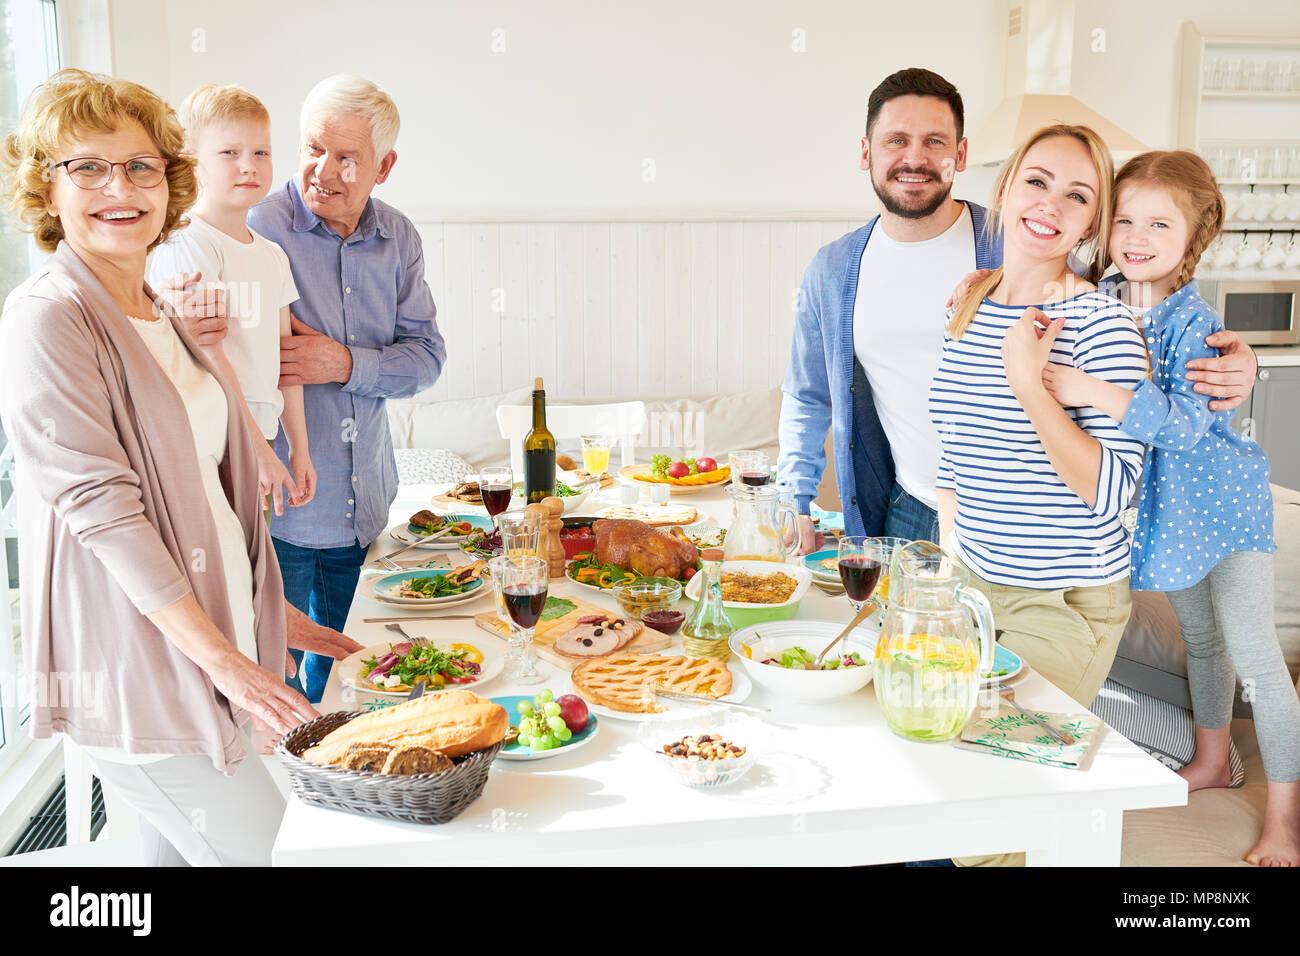 Große, glückliche Familie posiert am Tisch Stockfoto